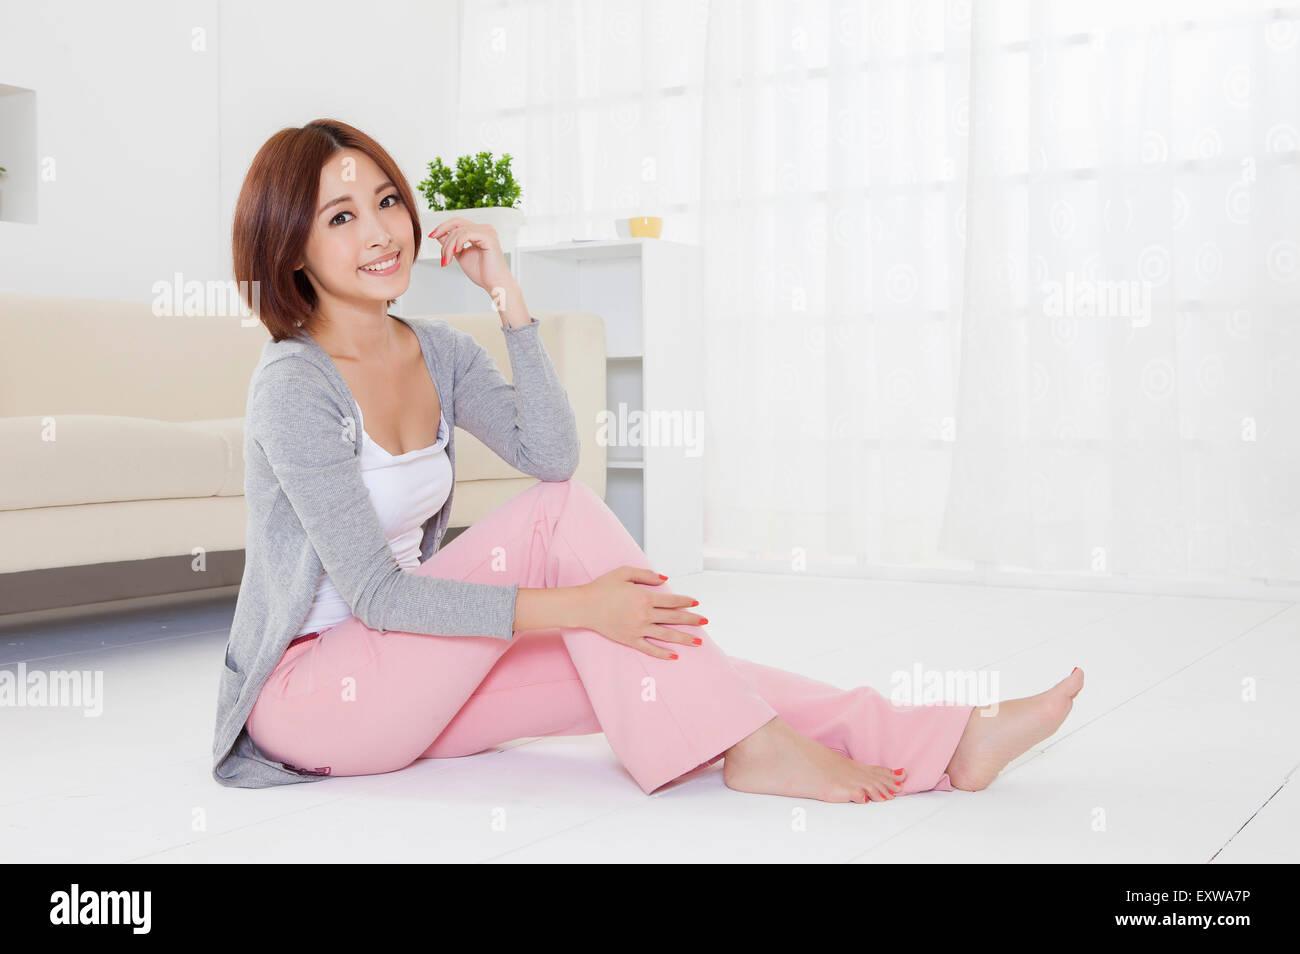 Giovane donna seduta sul pavimento e sorridente alla telecamera, Immagini Stock